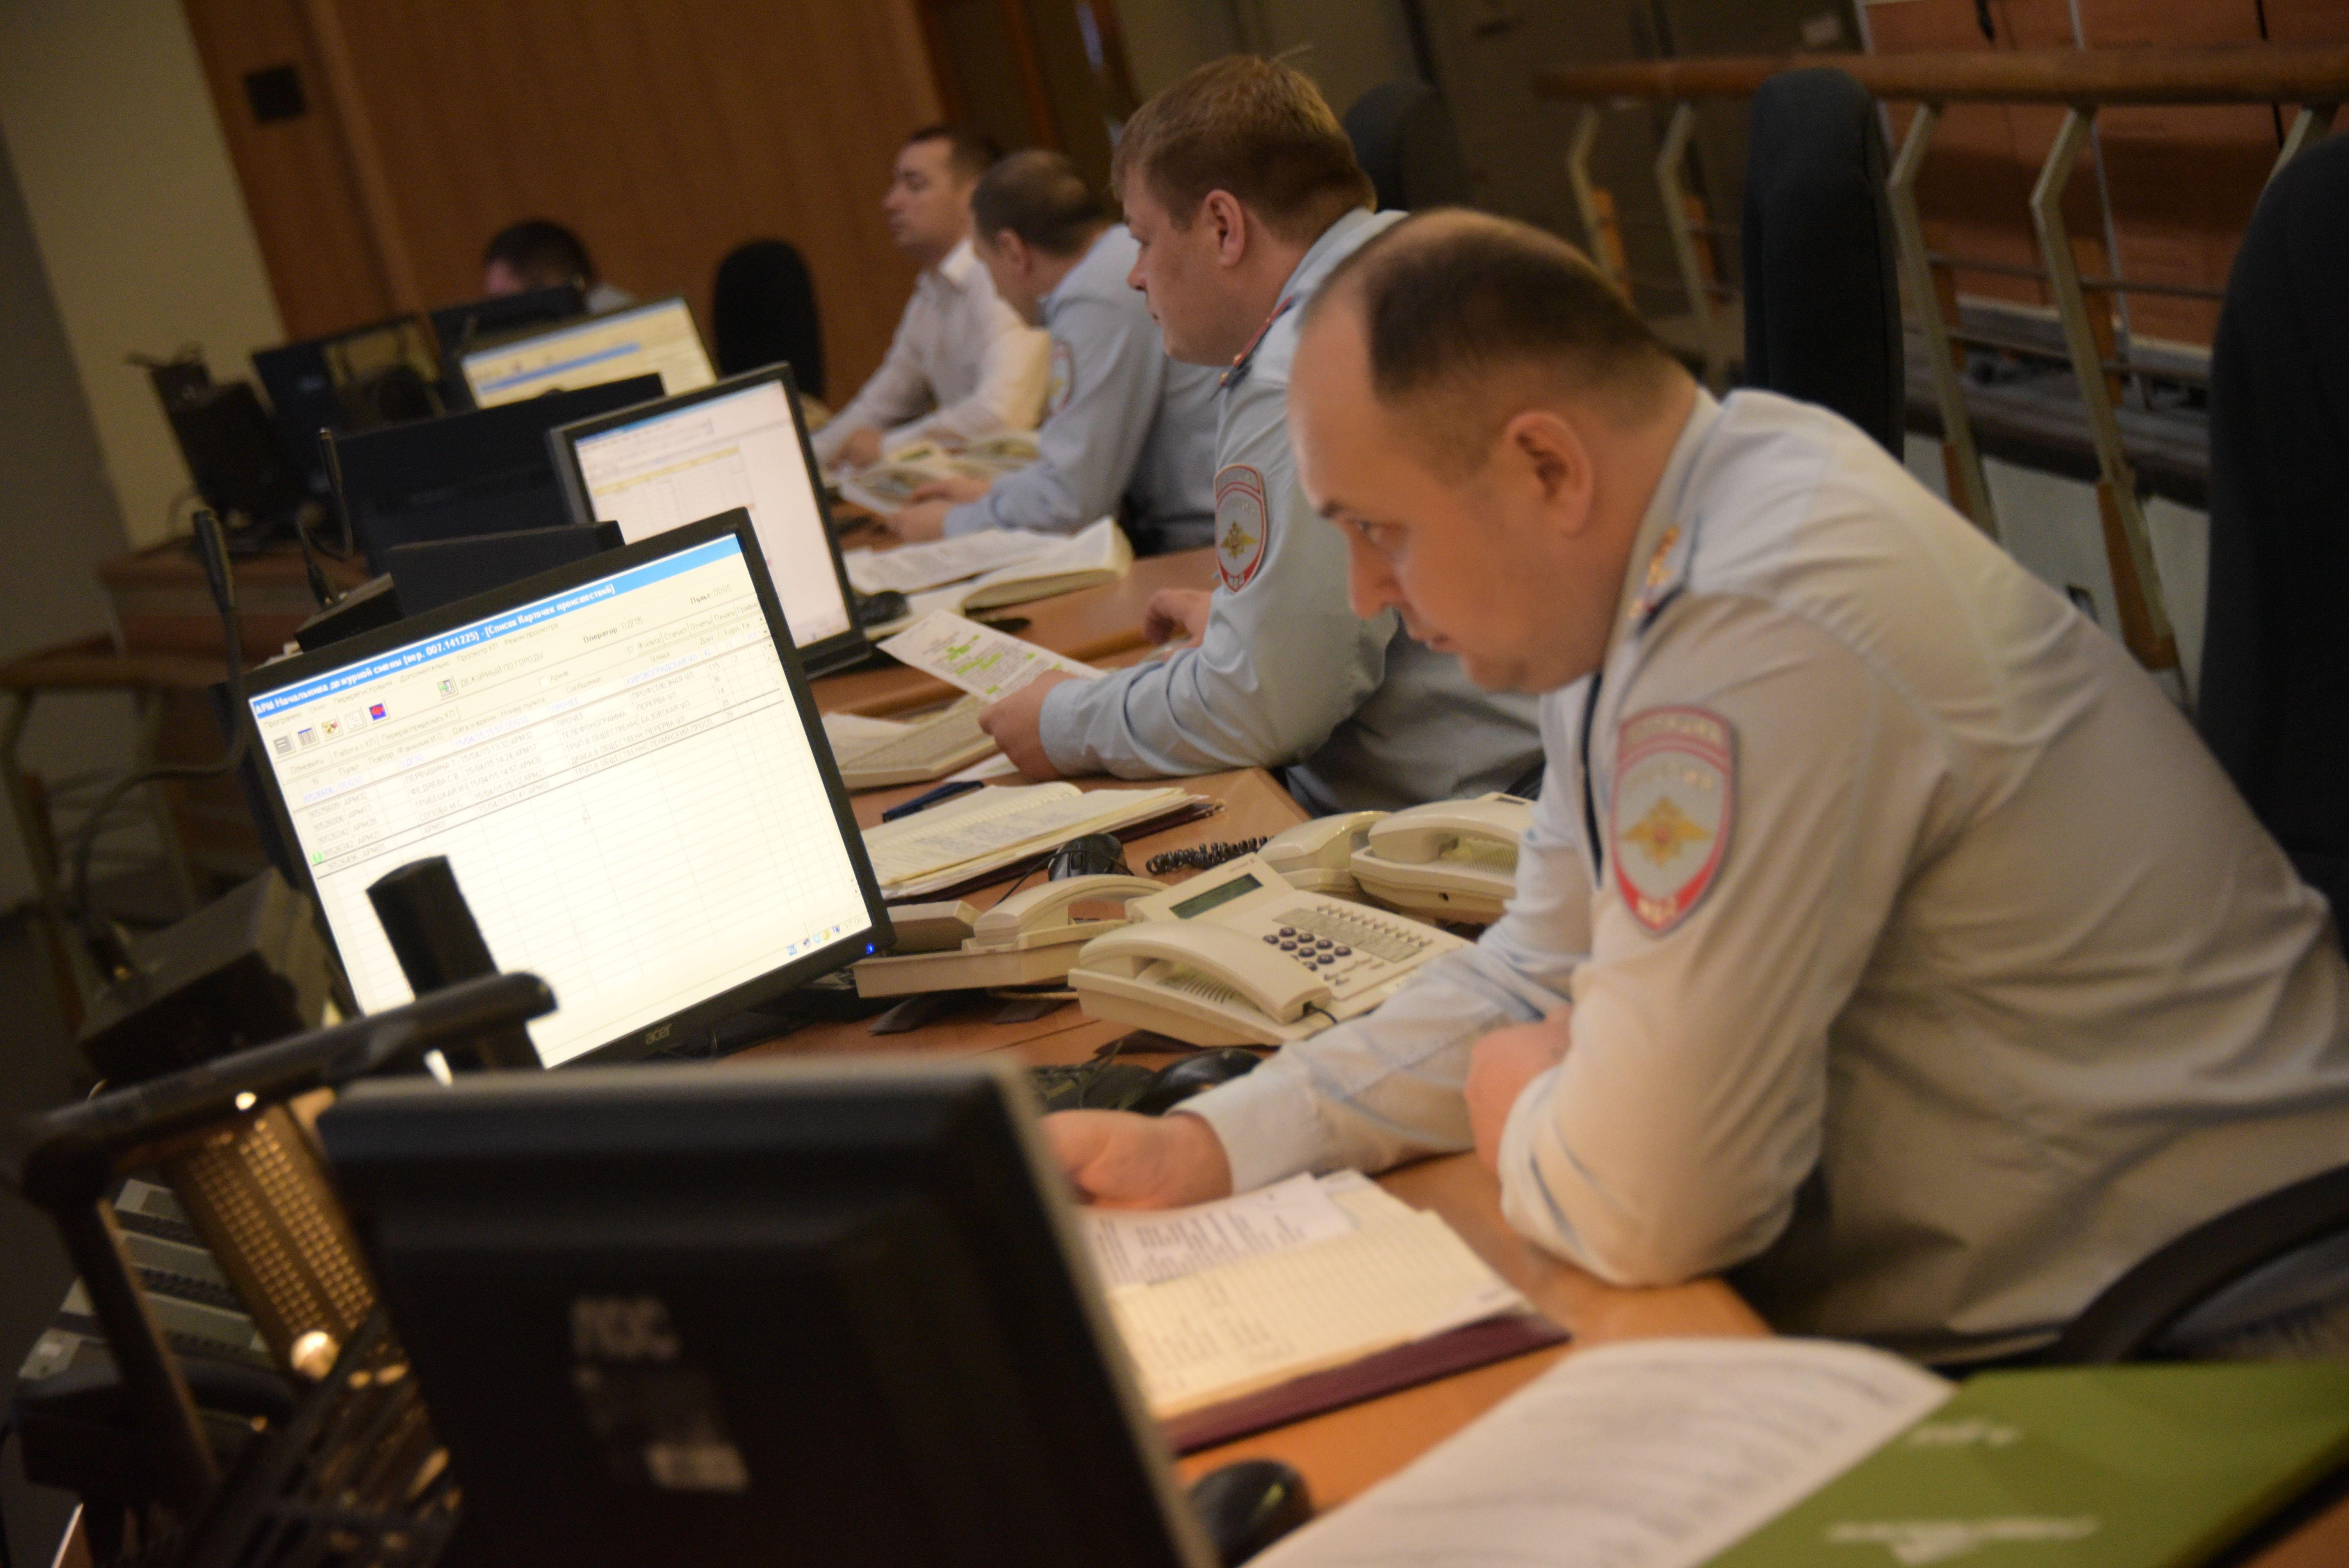 Троих безработных задержали в Новой Москве по подозрению в убийстве